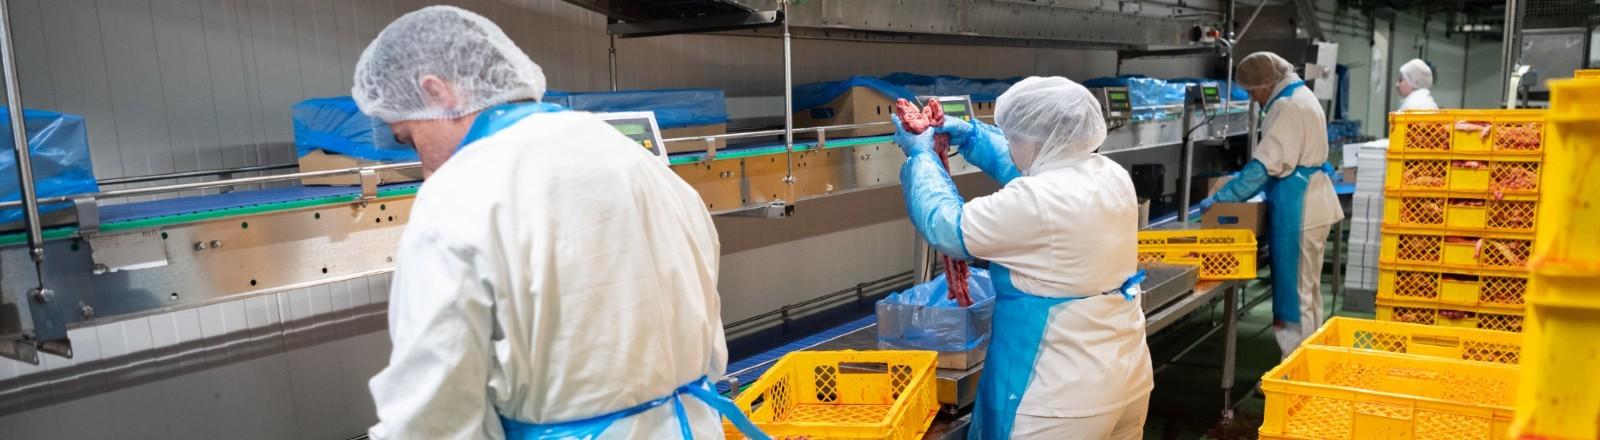 Arbeiter stehen am Fließband einer Fleischverarbeitungsfirma.